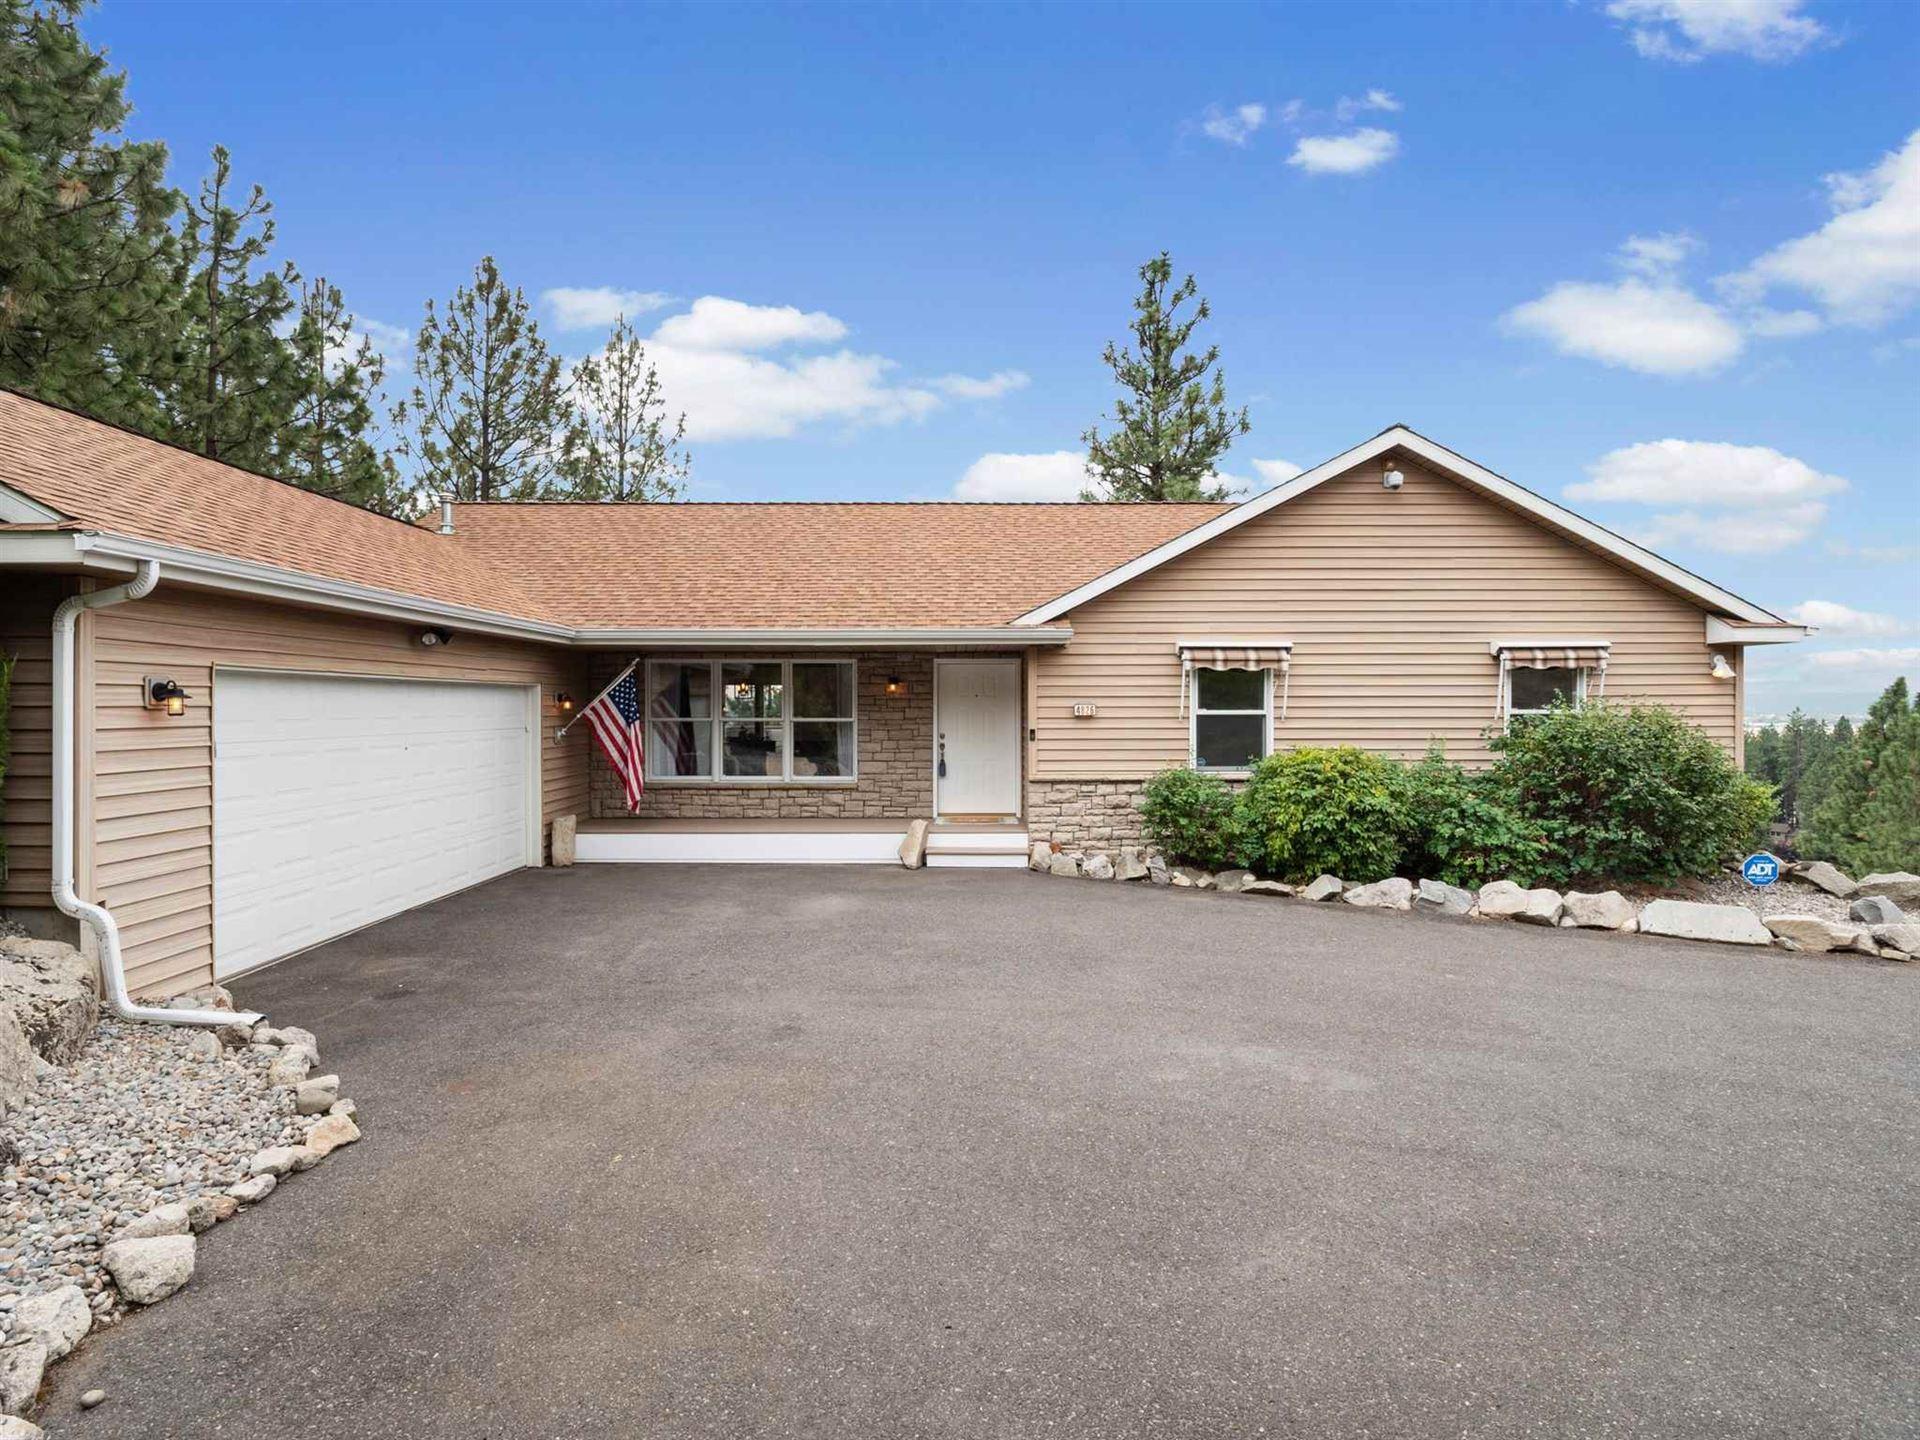 4826 N Northwood Dr, Spokane, WA 99212 - #: 202119635